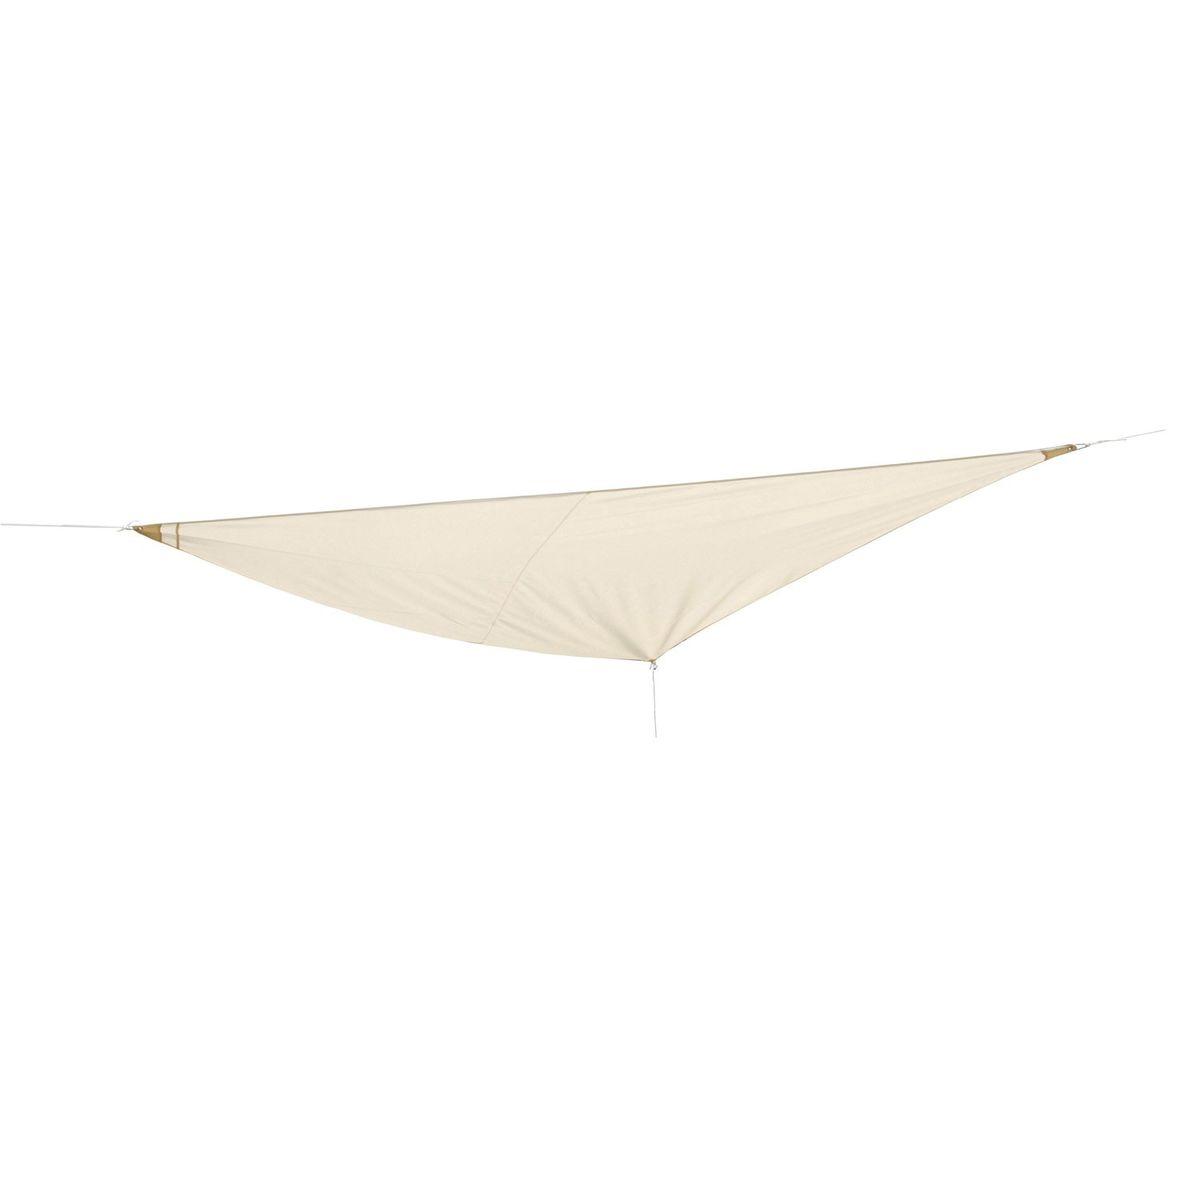 Vela ombreggiante triangolare ecru: prezzi e offerte online